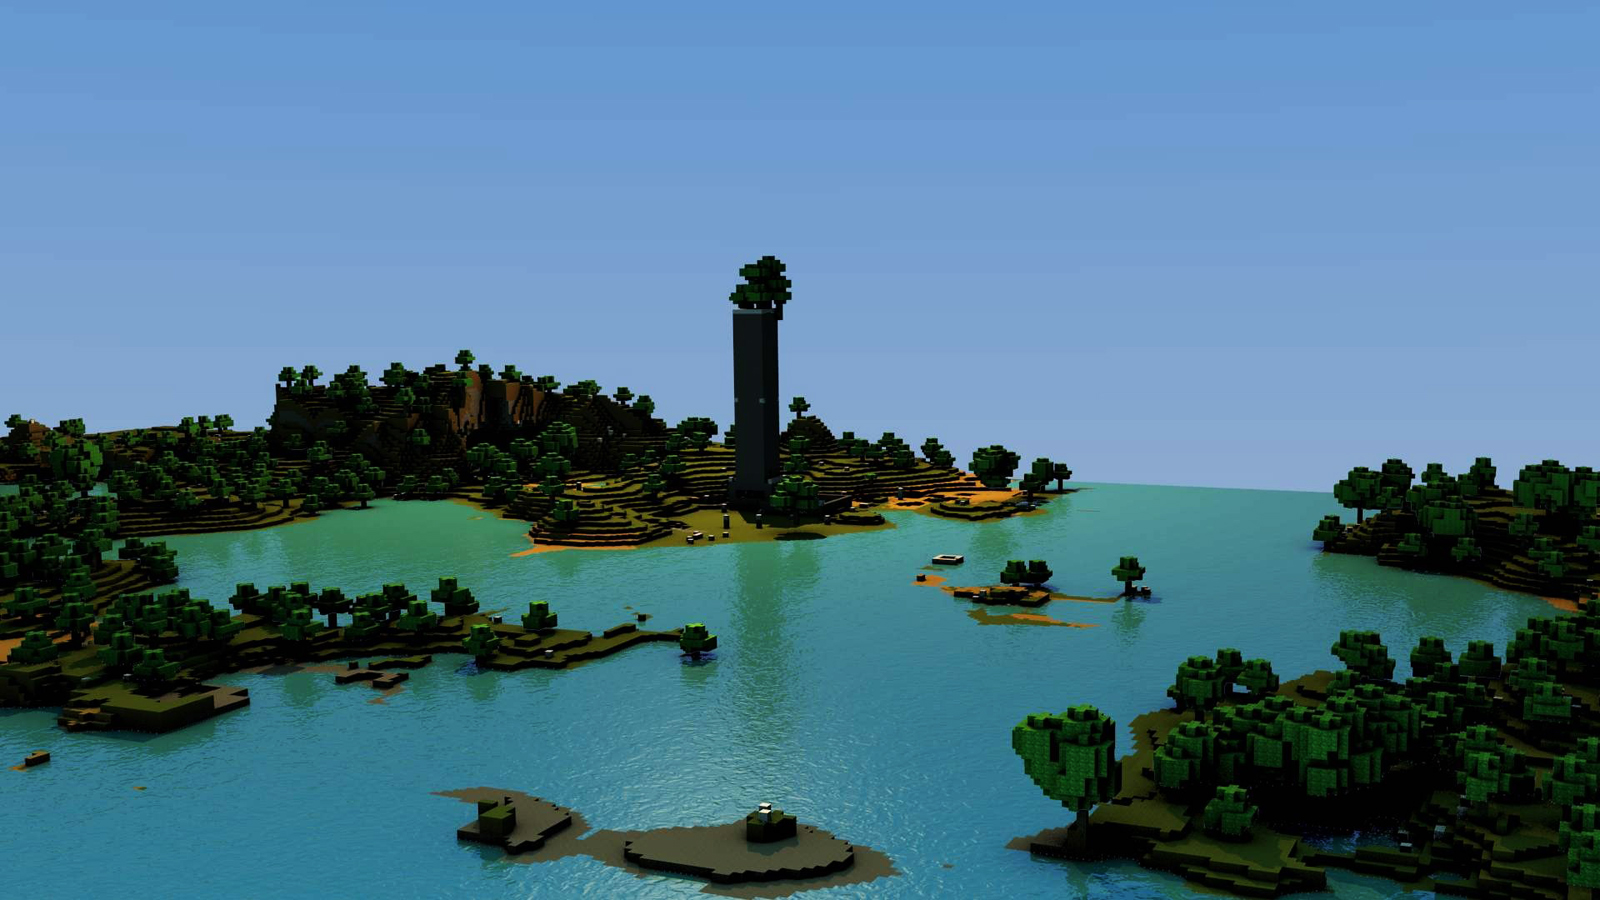 Beautiful Wallpaper Minecraft Beach - Minecraft_Game_See_Beach_Landscape_HD_Wallpaper-Vvallpaper  Snapshot_651046.jpg